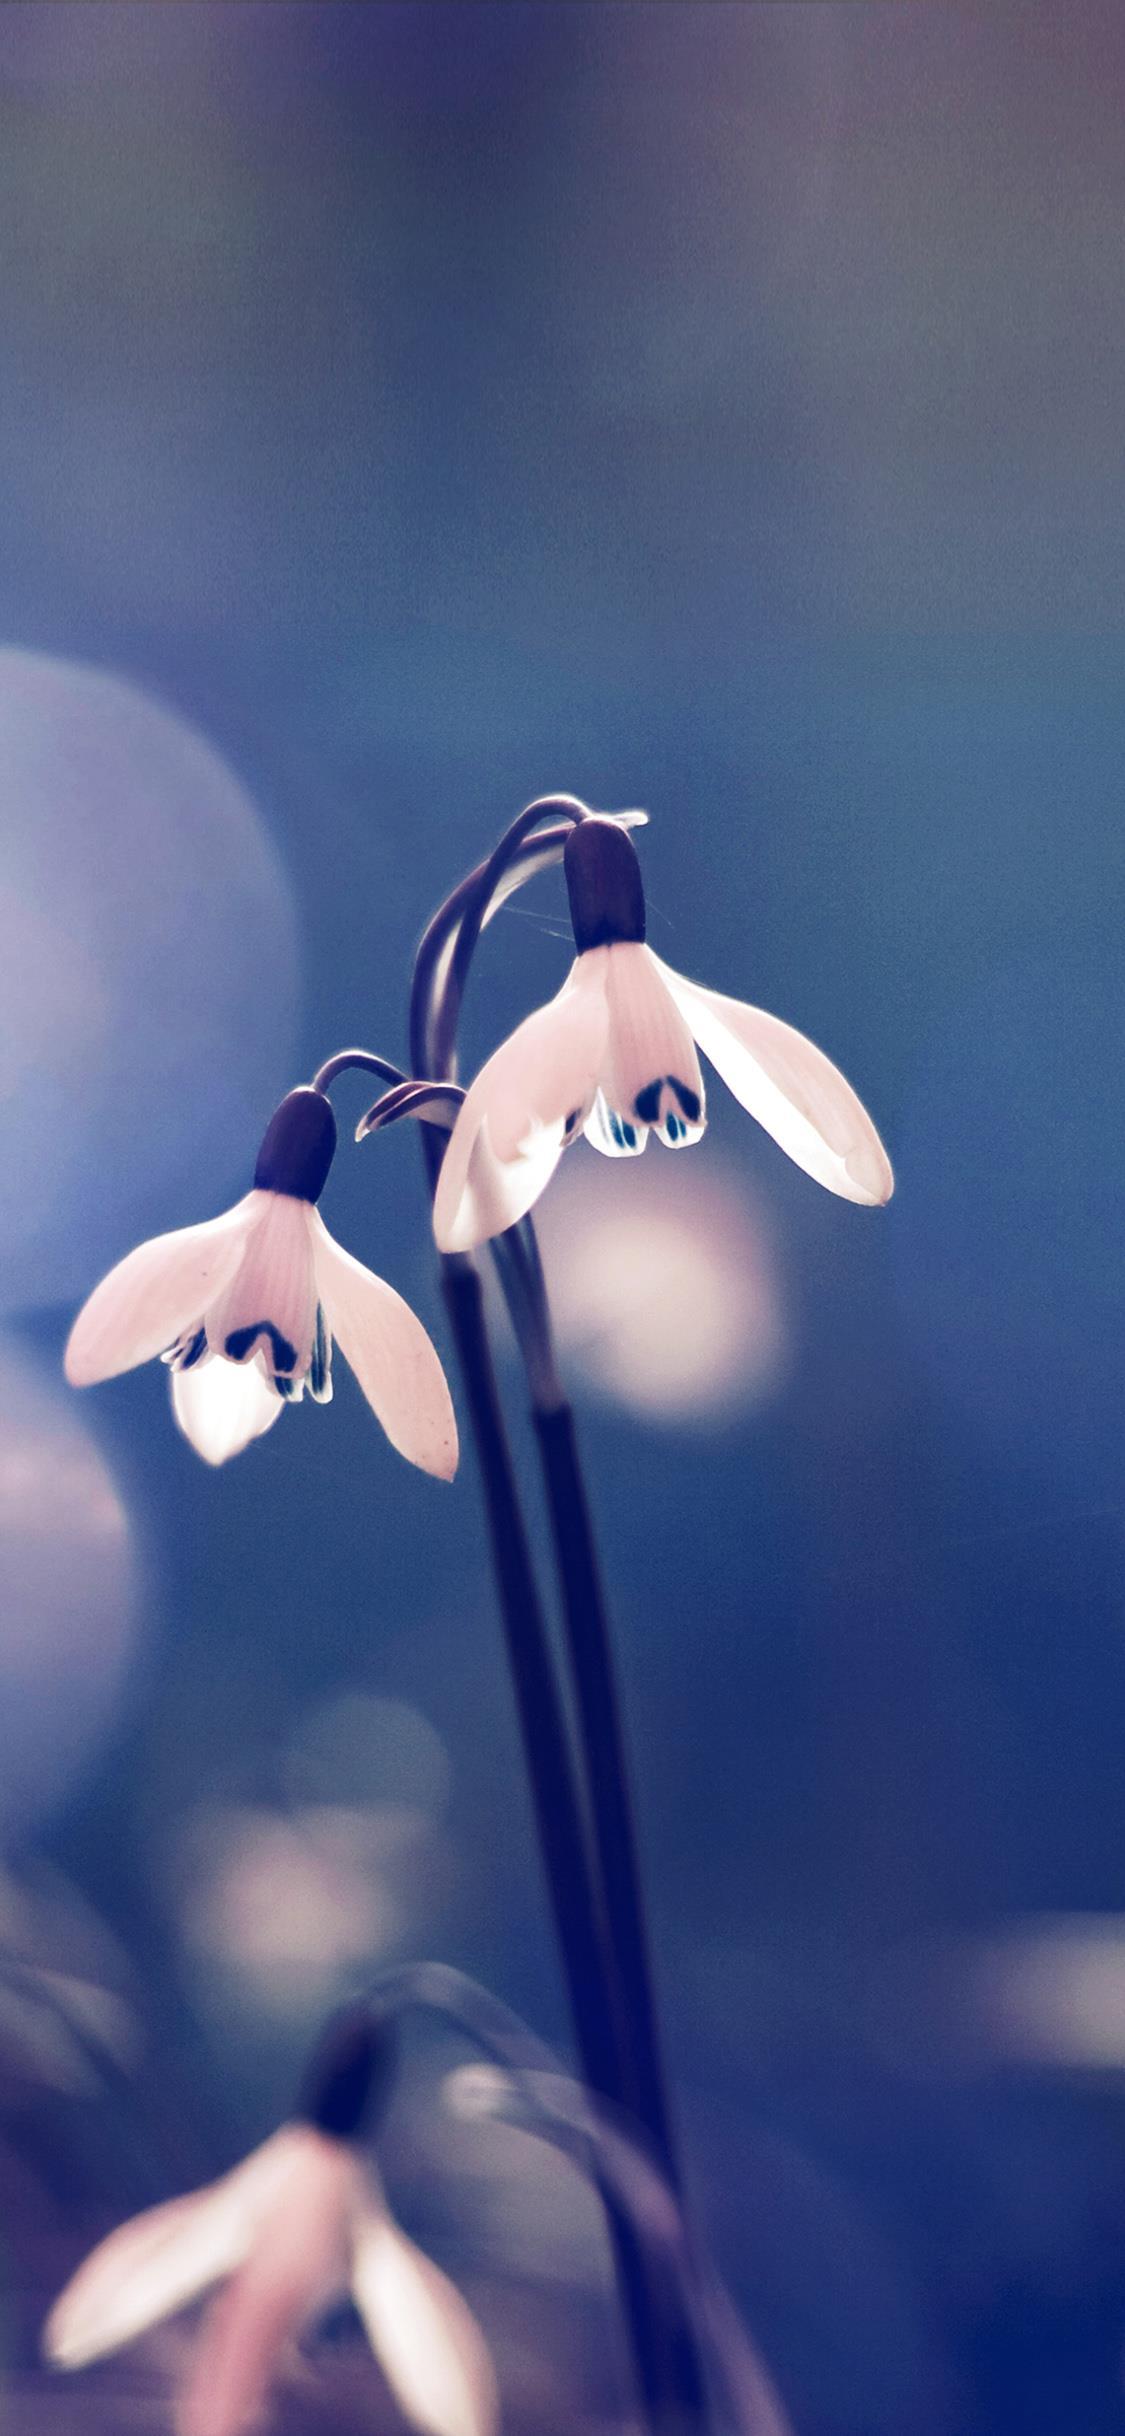 Il primo piano di un fiore - Sfondi per iPhone, i migliori da scaricare gratis